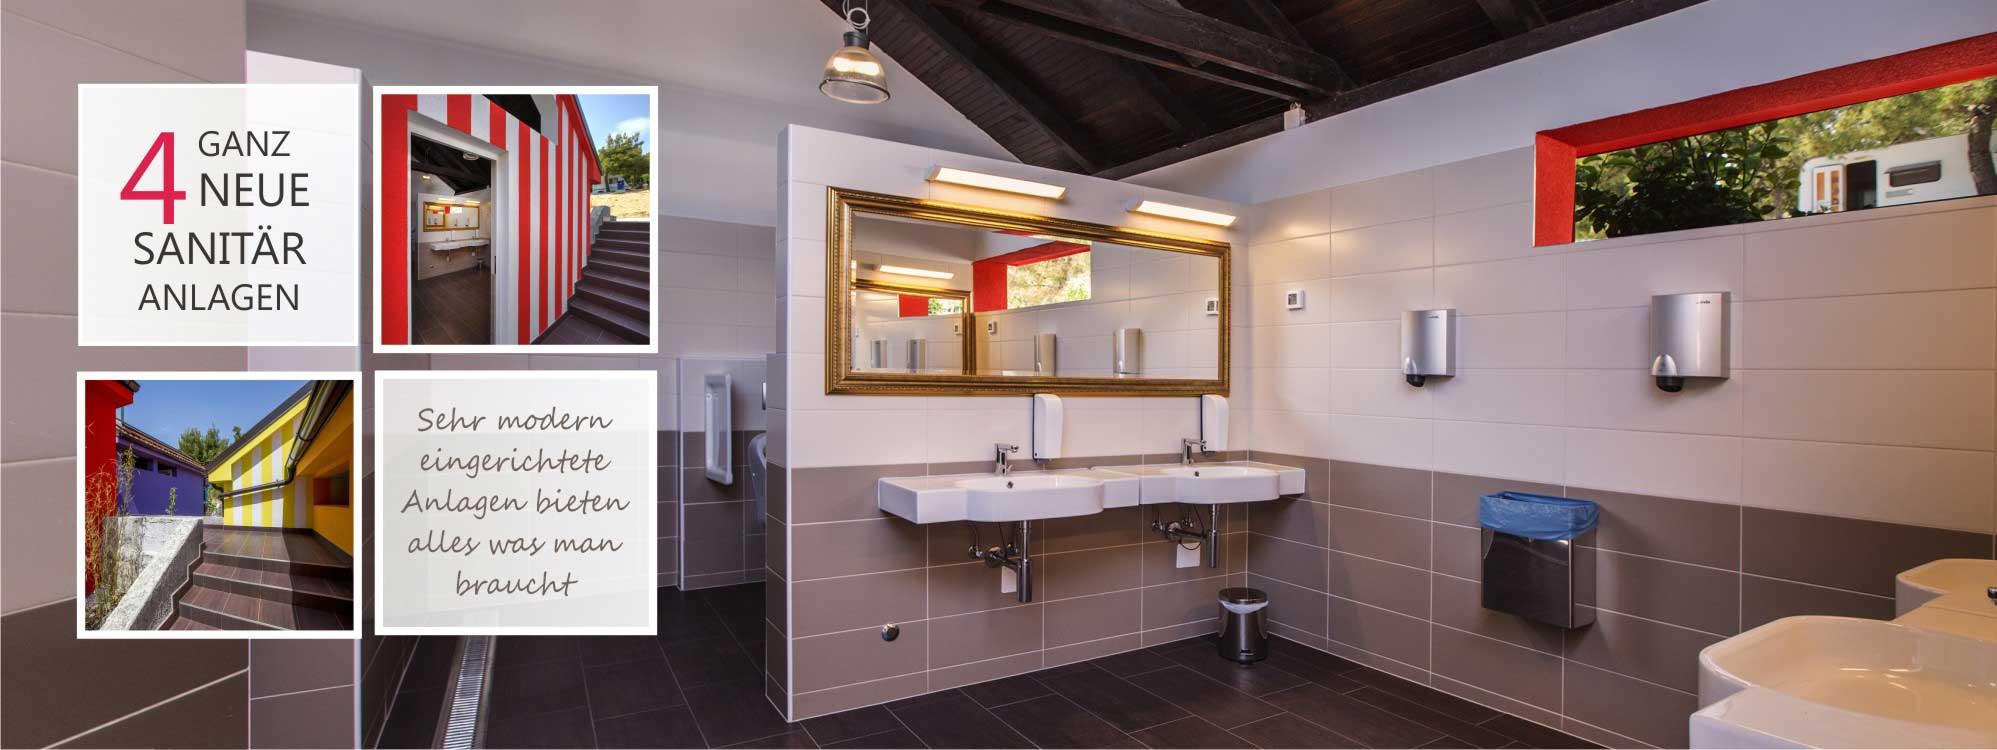 Sanitaranlage_belvedere_cam